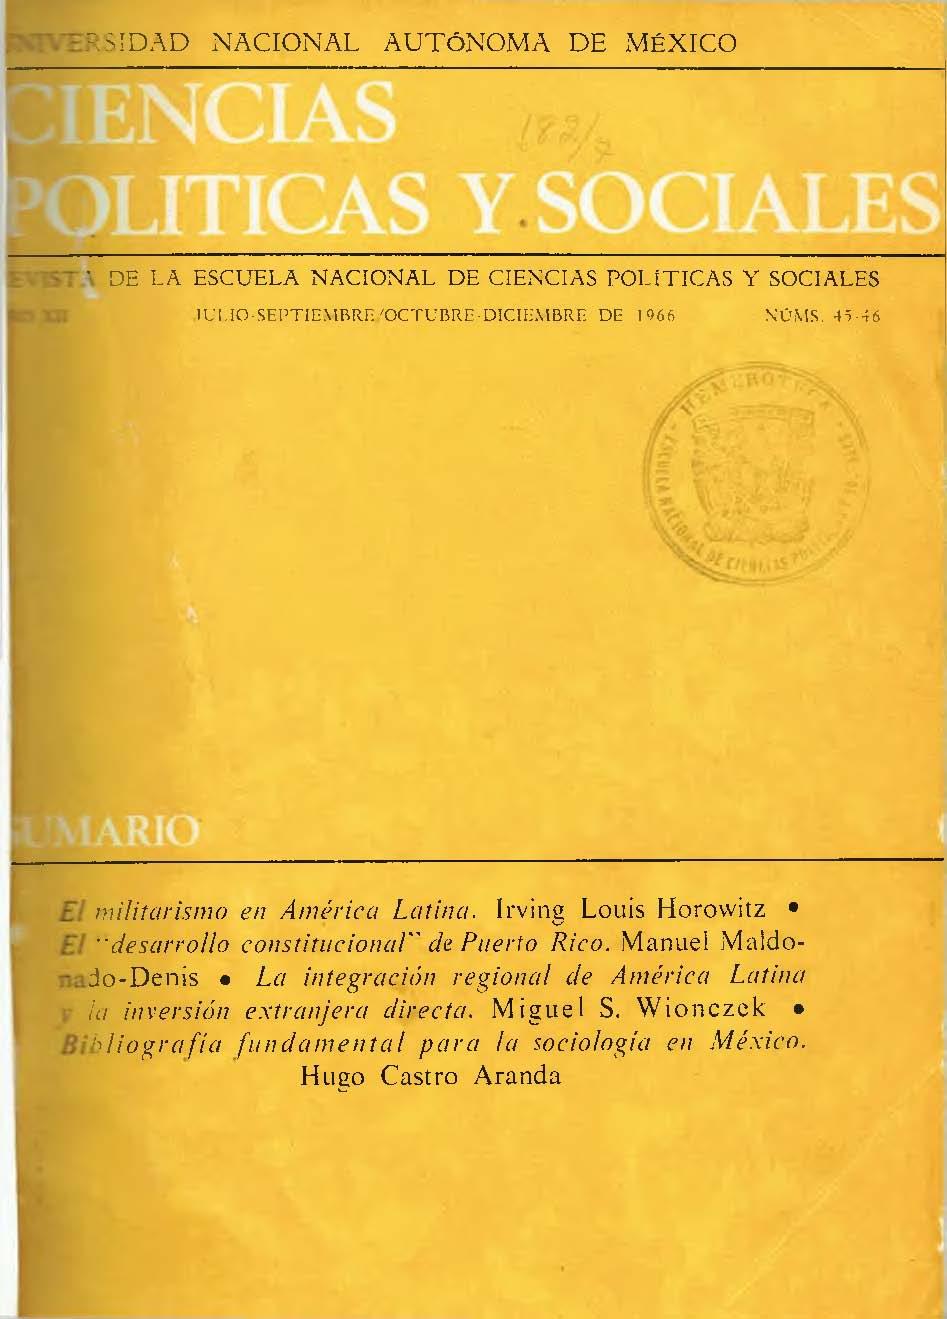 El Militarismo En América Latina